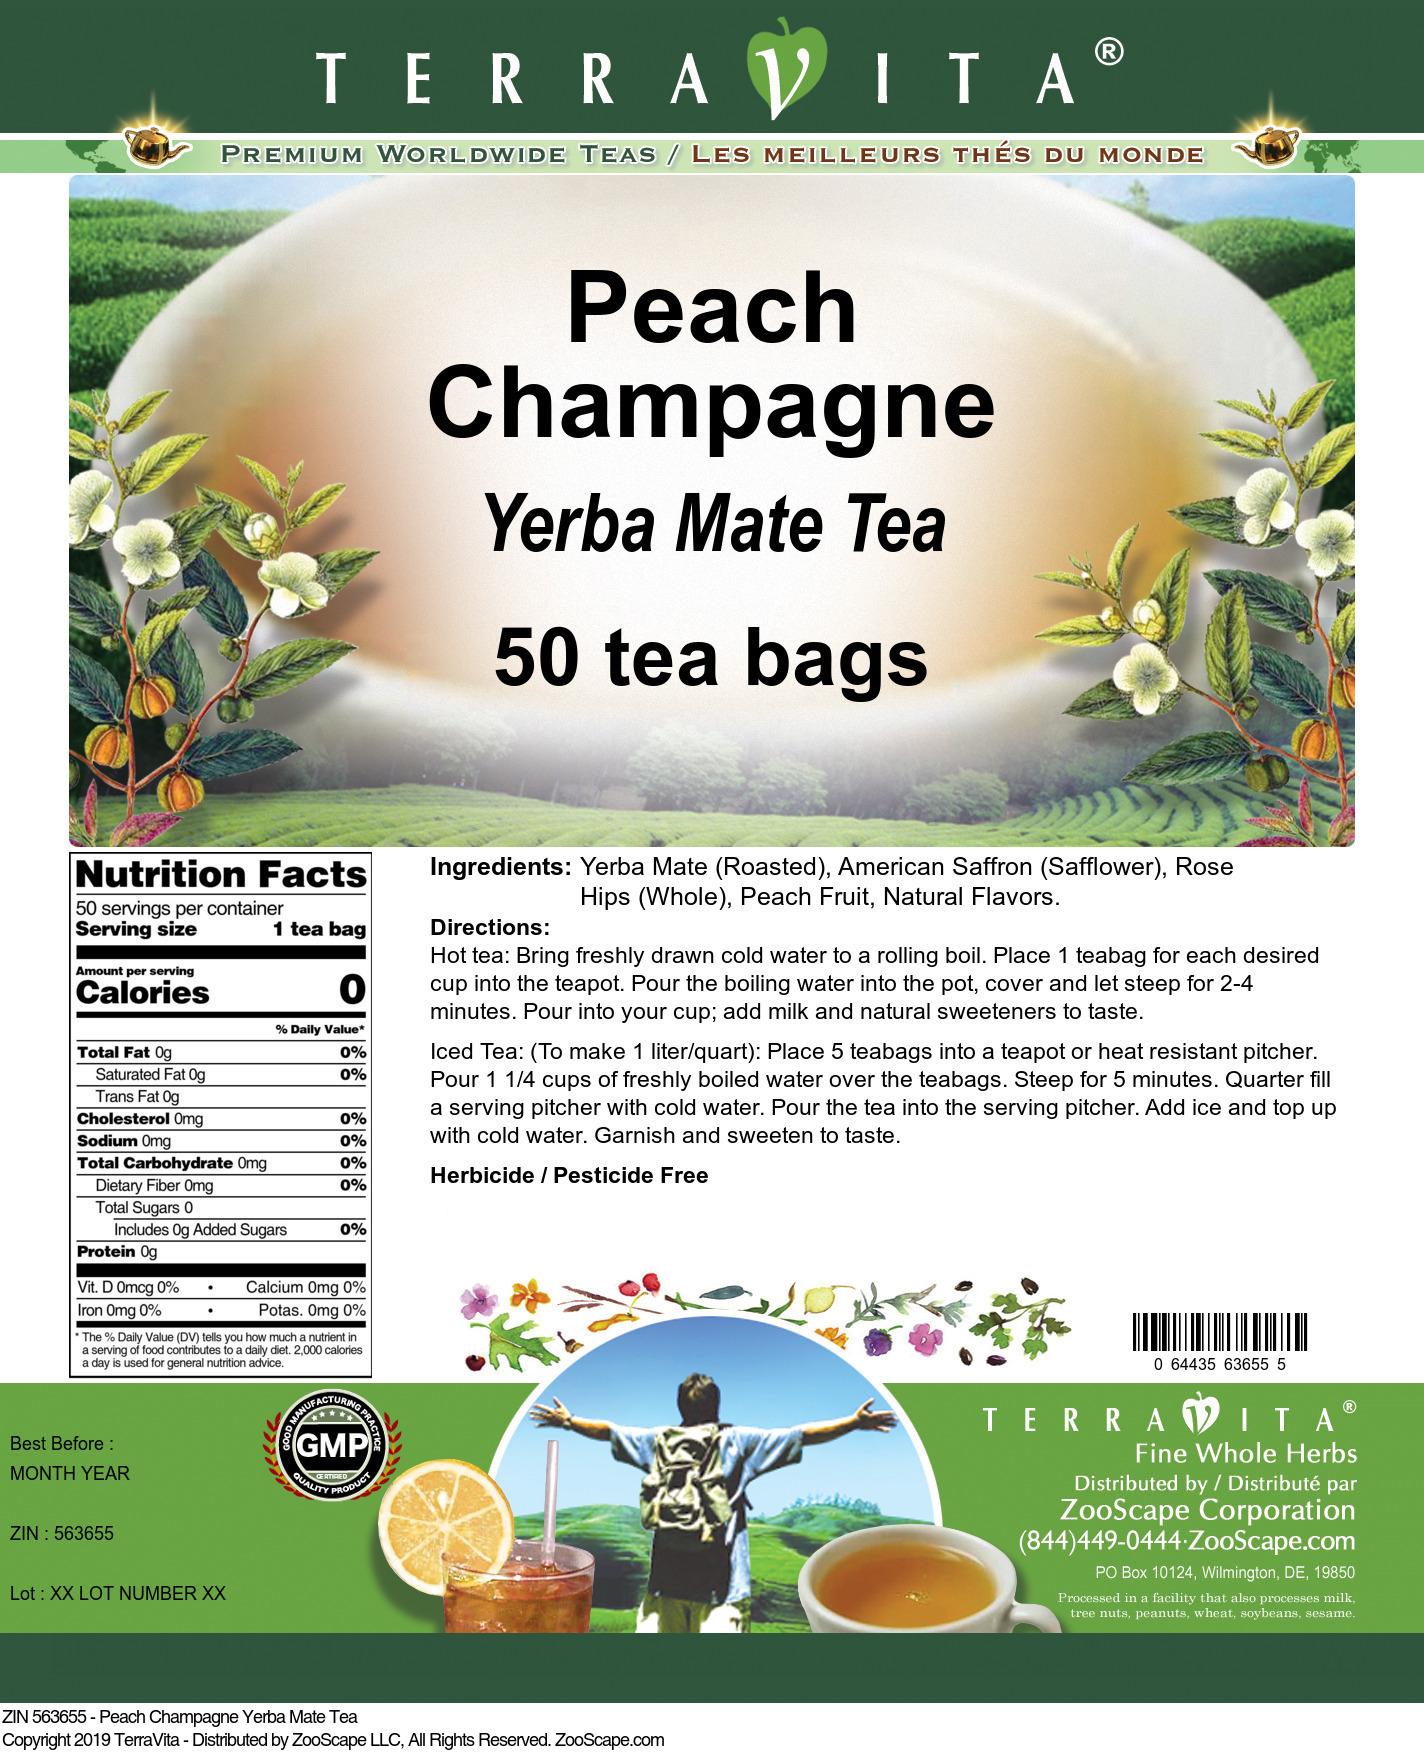 Peach Champagne Yerba Mate Tea